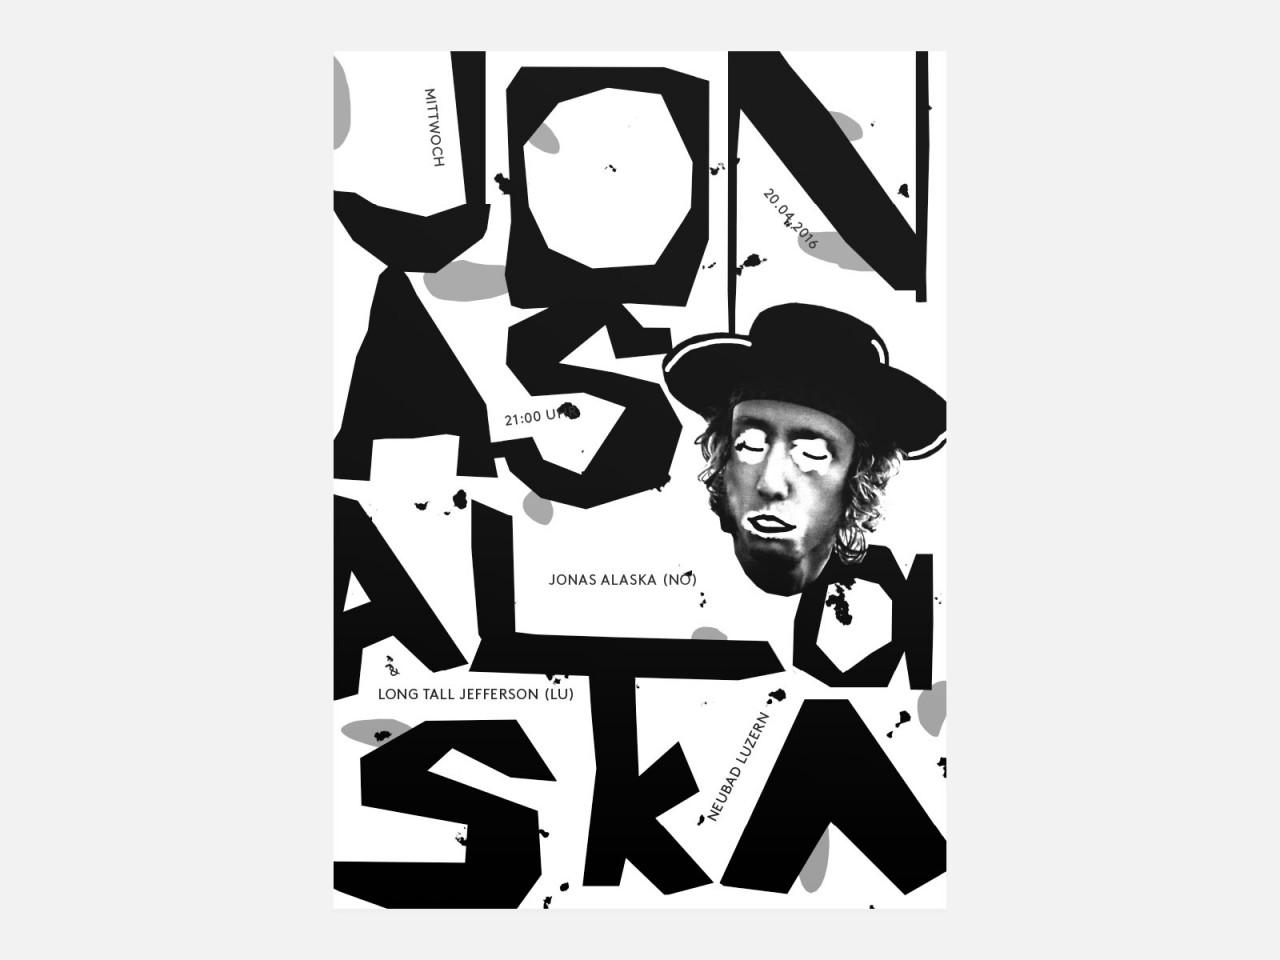 Anders Bakken Jonas Alaska